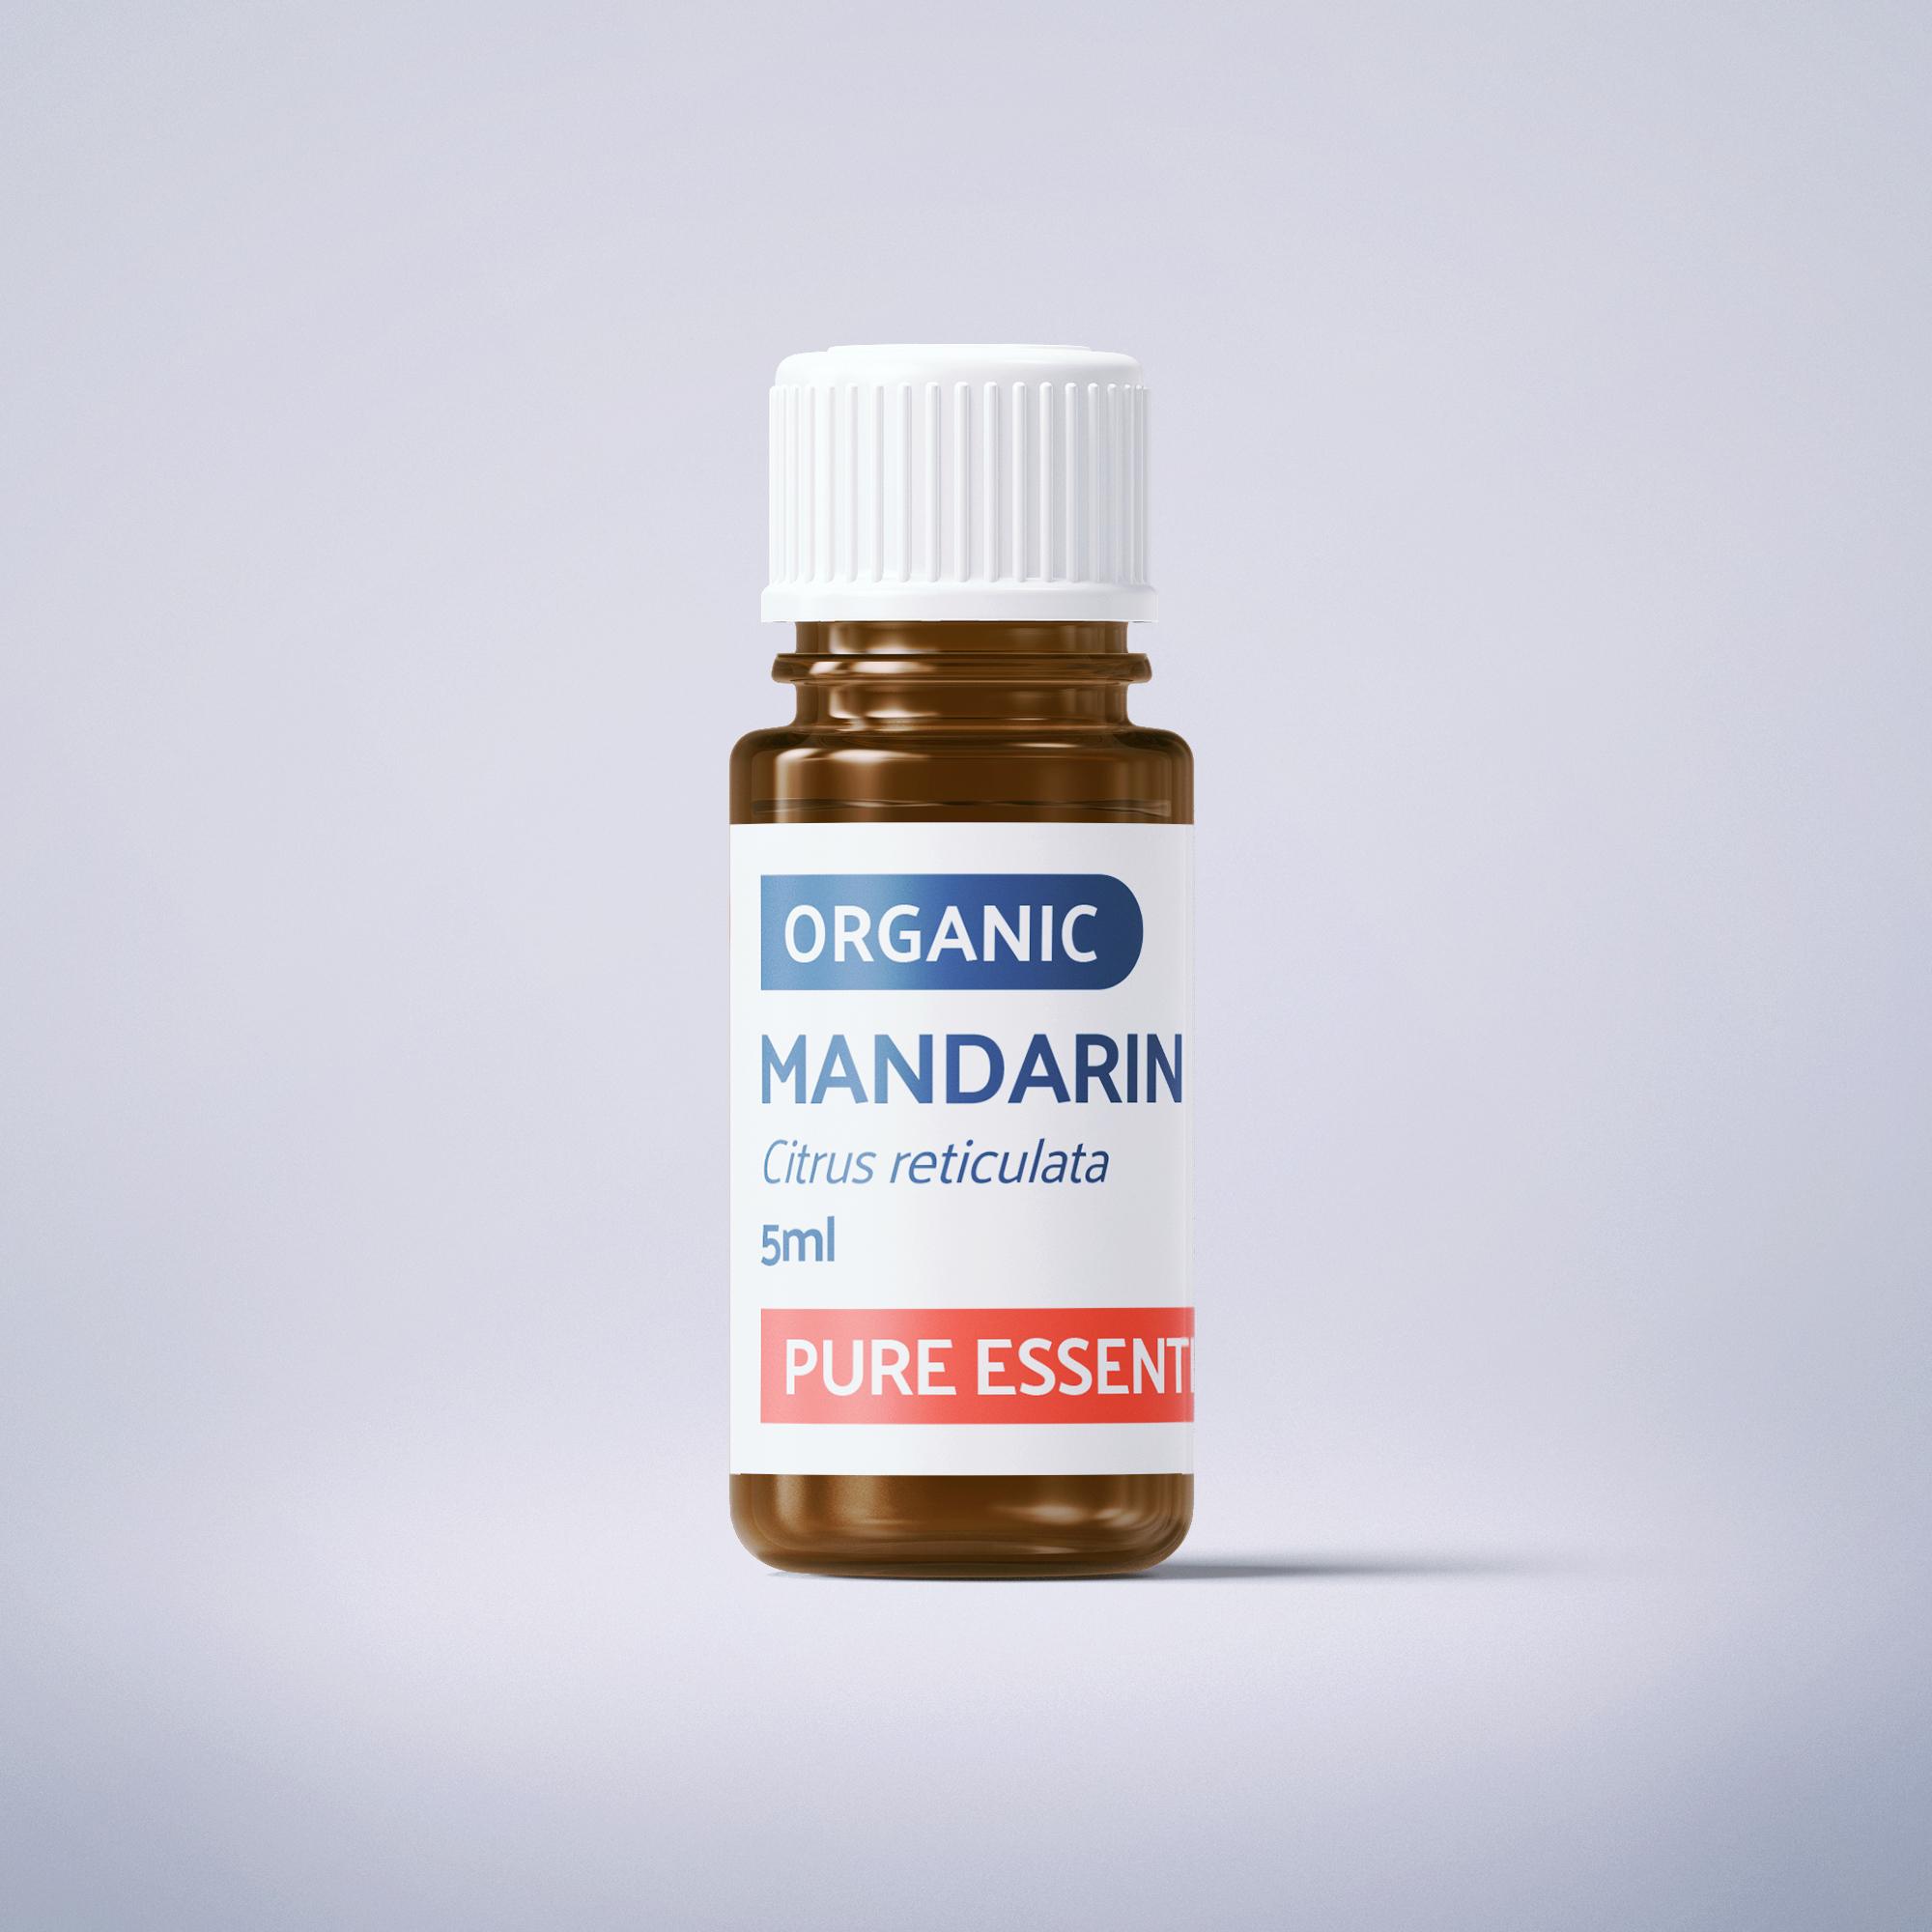 Organic Mandarin - 5ml - 100% Pure Essential Oil SKU004